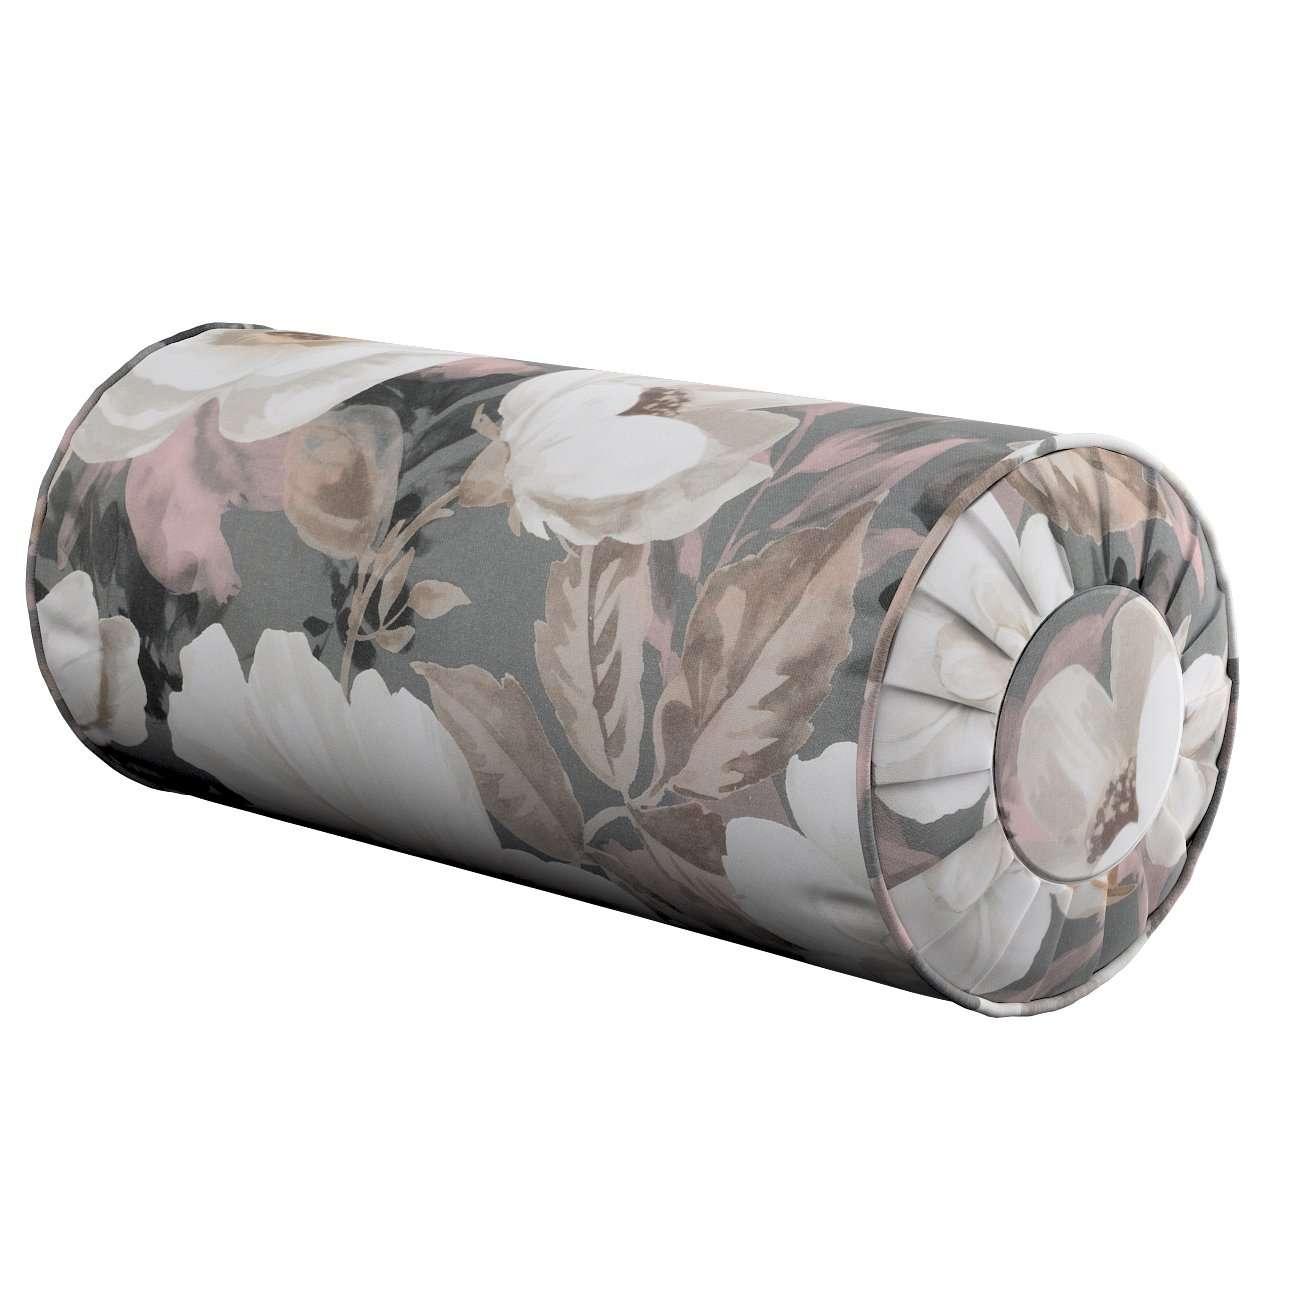 Nackenrolle mit Falten, grau-rosa, Ø 20 × 50 cm, Gardenia | Schlafzimmer > Kopfkissen | Dekoria